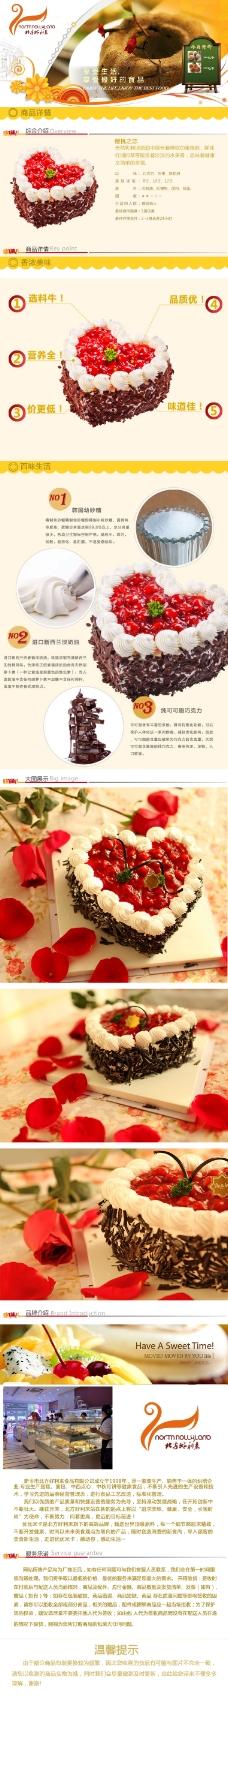 北方好利来 蛋糕店 蛋糕详情页